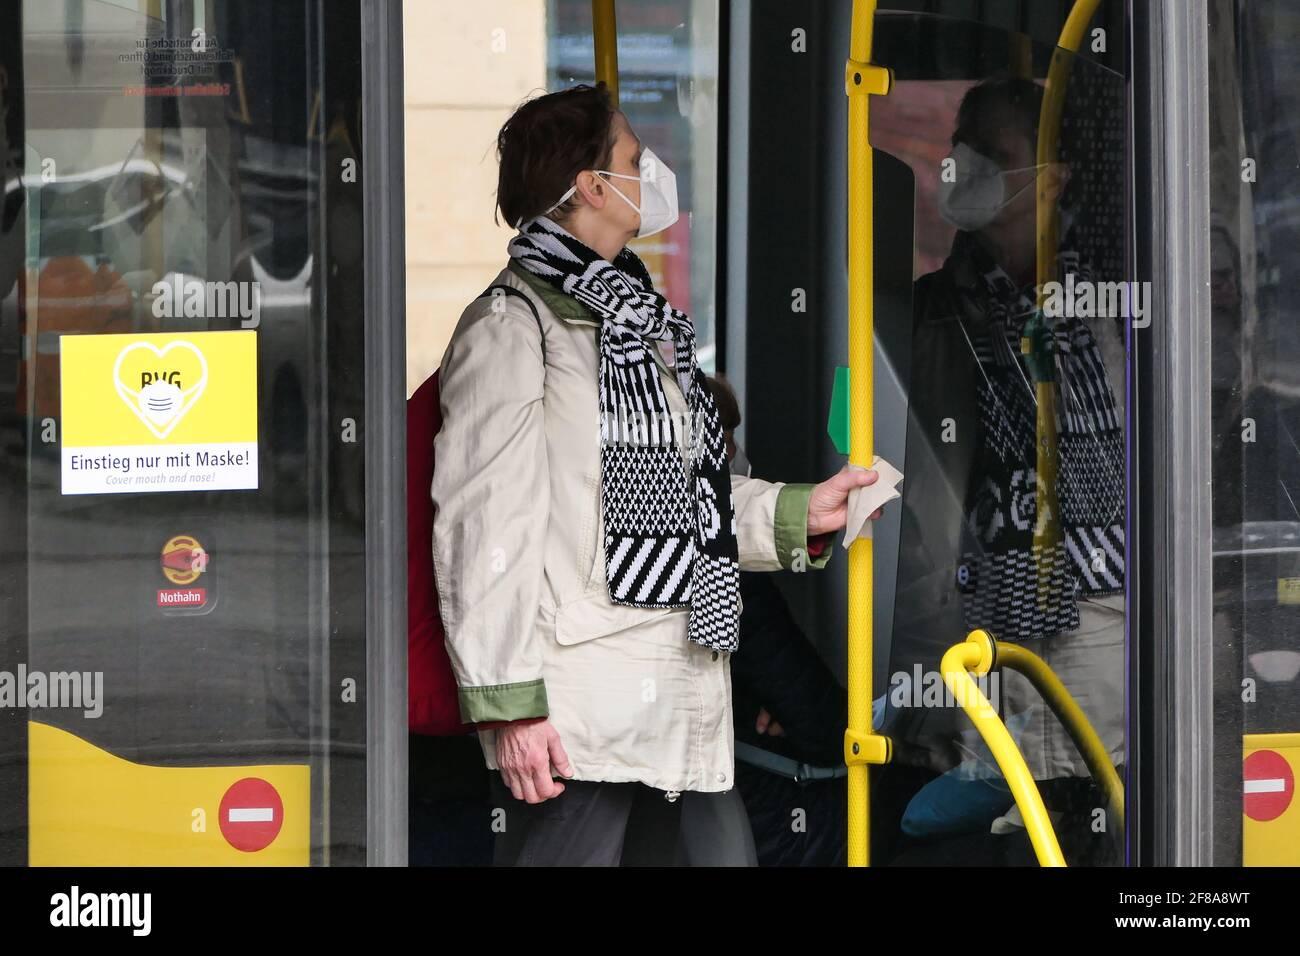 Berlin, Deutschland. April 2021. Ein Passagier mit Gesichtsmaske steht am 12. April 2021 in Berlin, der Hauptstadt Deutschlands, auf einem Bus. Nach Angaben des Robert Koch-Instituts (RKI) wurden am Montag seit Ausbruch der Pandemie mehr als drei Millionen COVID-19-Infektionen in Deutschland registriert. Quelle: Stefan Zeitz/Xinhua/Alamy Live News Stockfoto